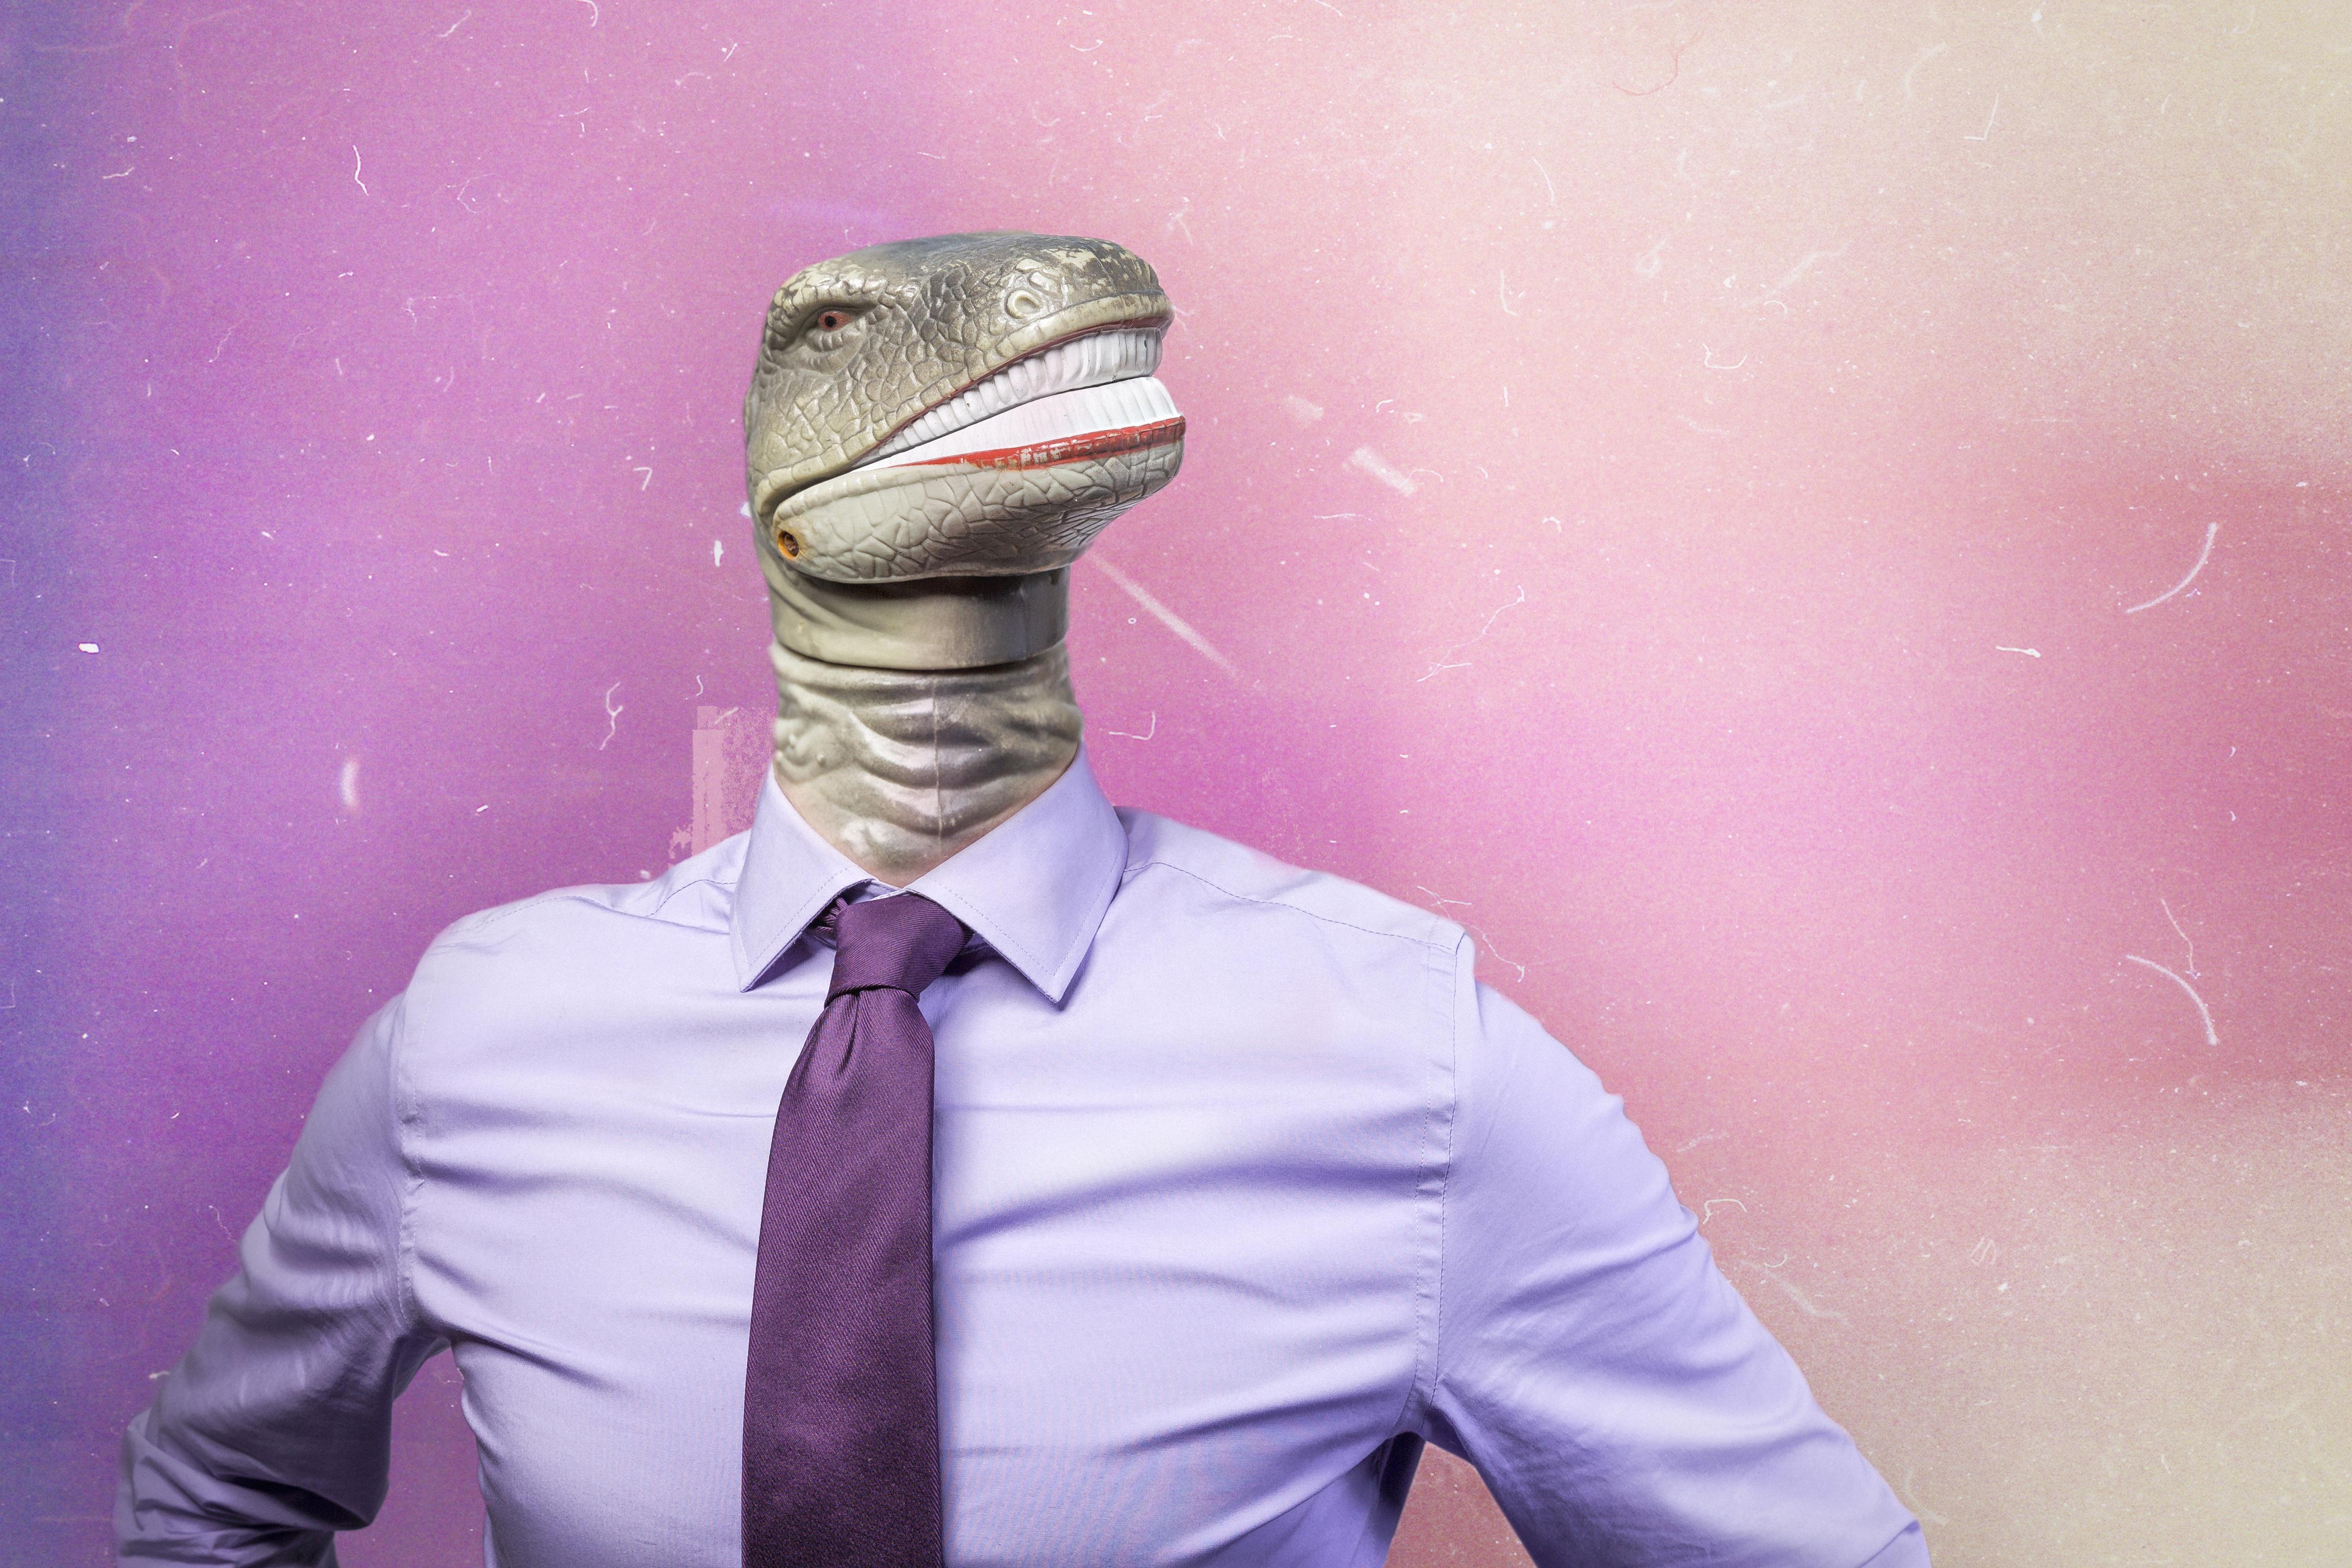 Personne avec une tête de serpent et un costume avec cravate ayant un air hautain